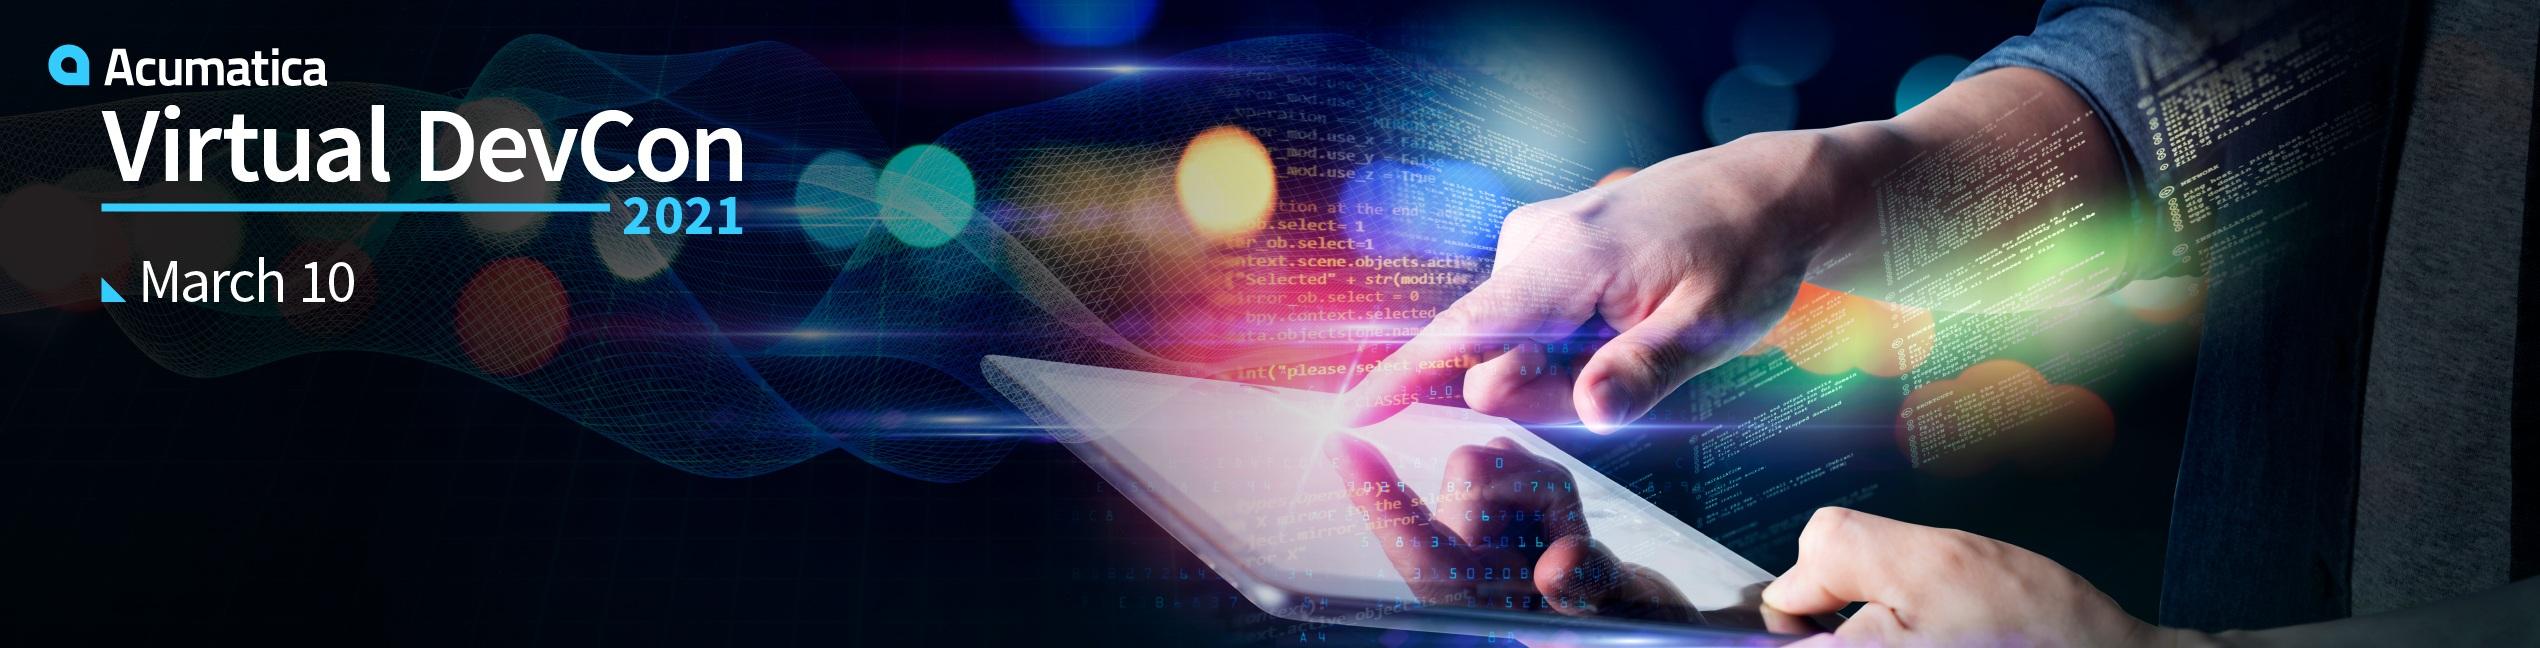 Acumatica Virtual Developer Conference 2021